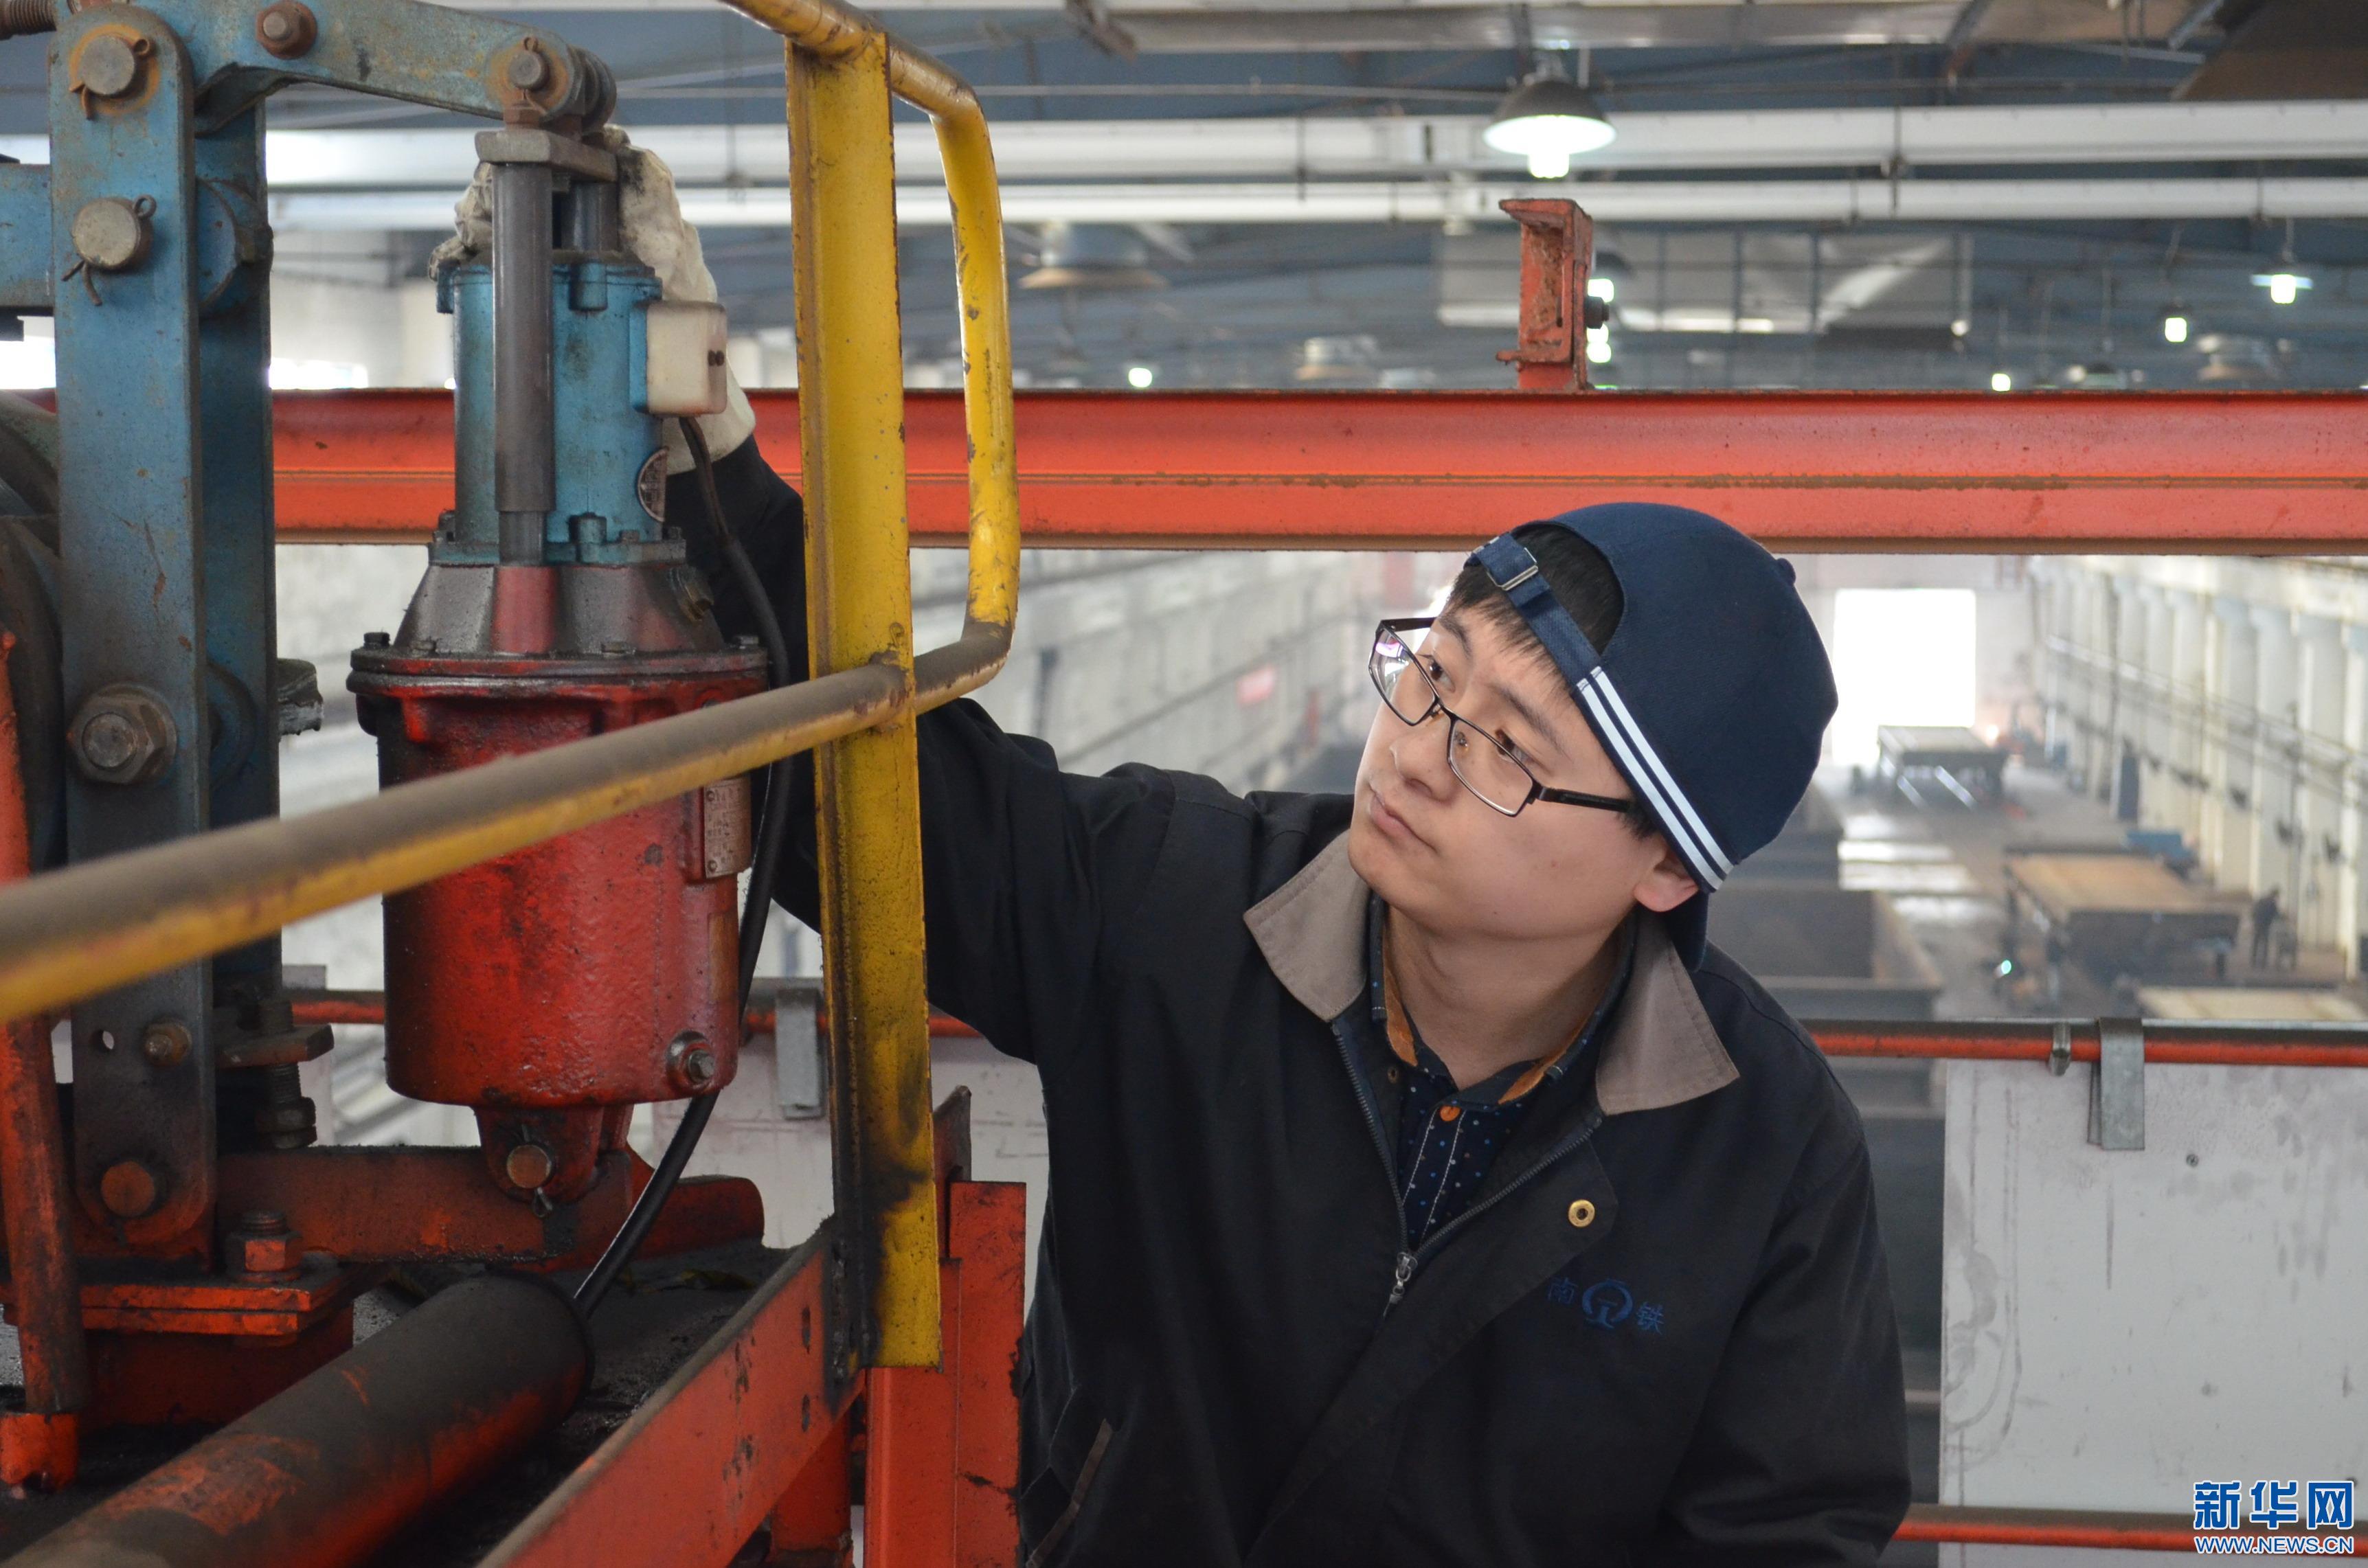 张彦龙检查天车大车刹车制动装置.